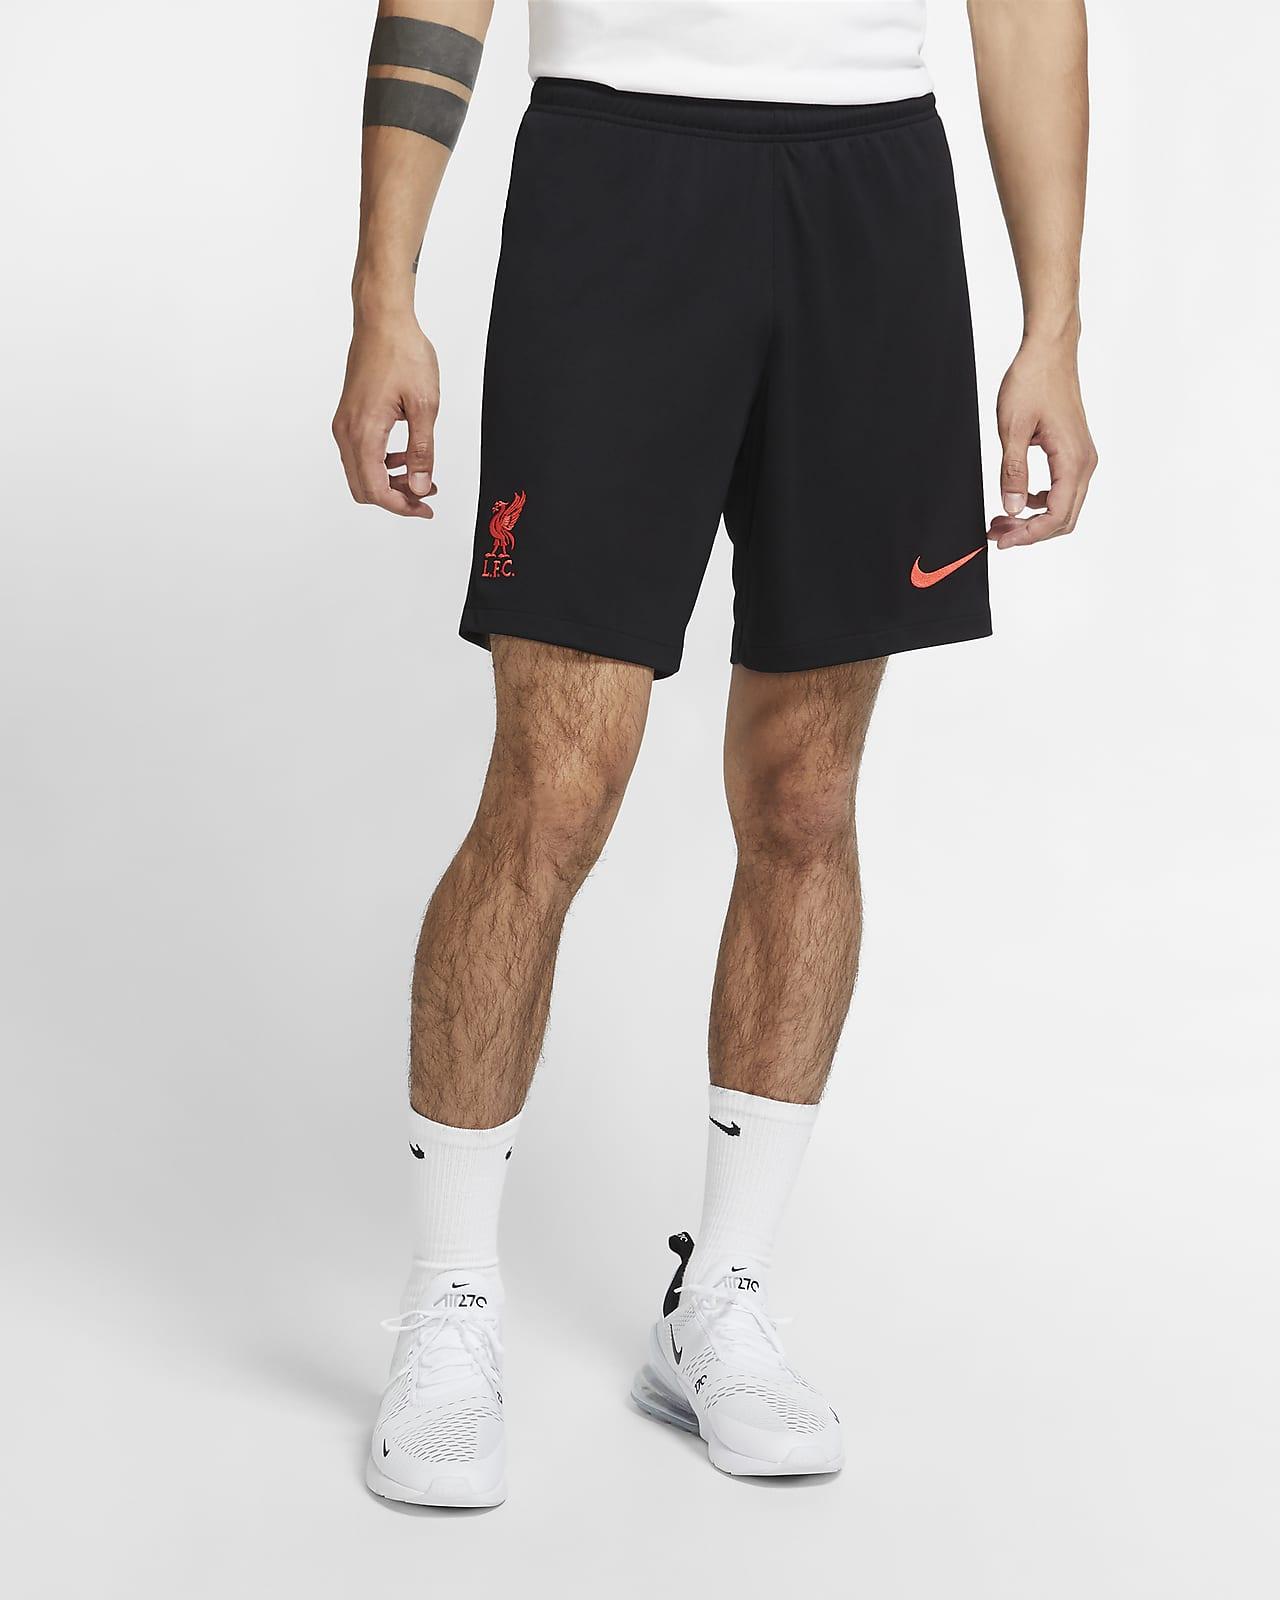 Мужские футбольные шорты из третьего комплекта ФК «Ливерпуль» 2020/21 Stadium